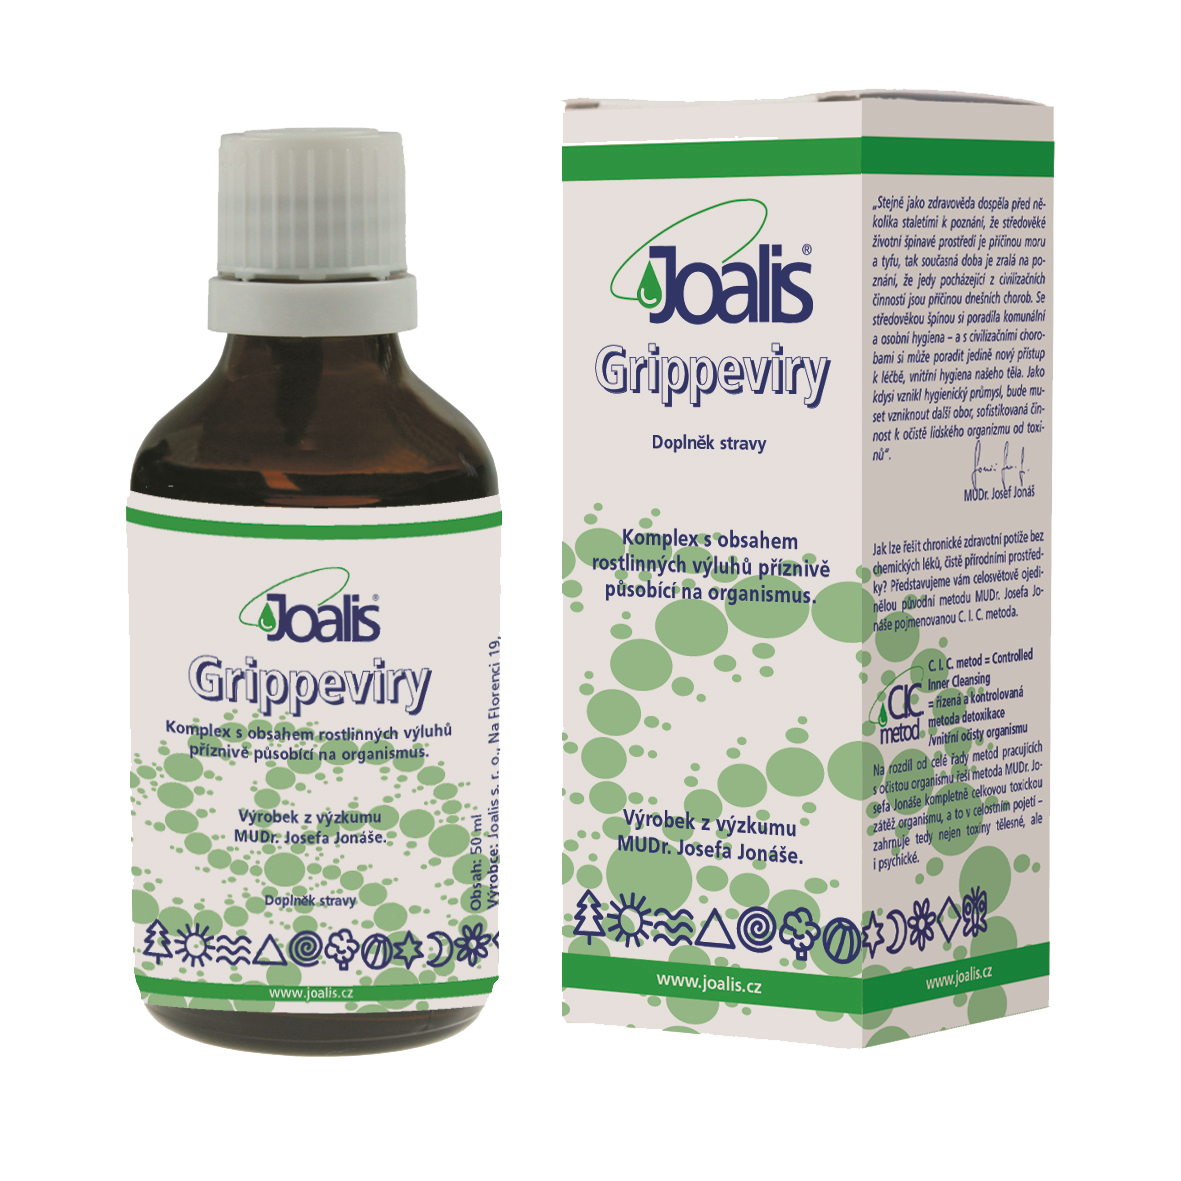 Joalis Gripin (Grippeviry), 50ml